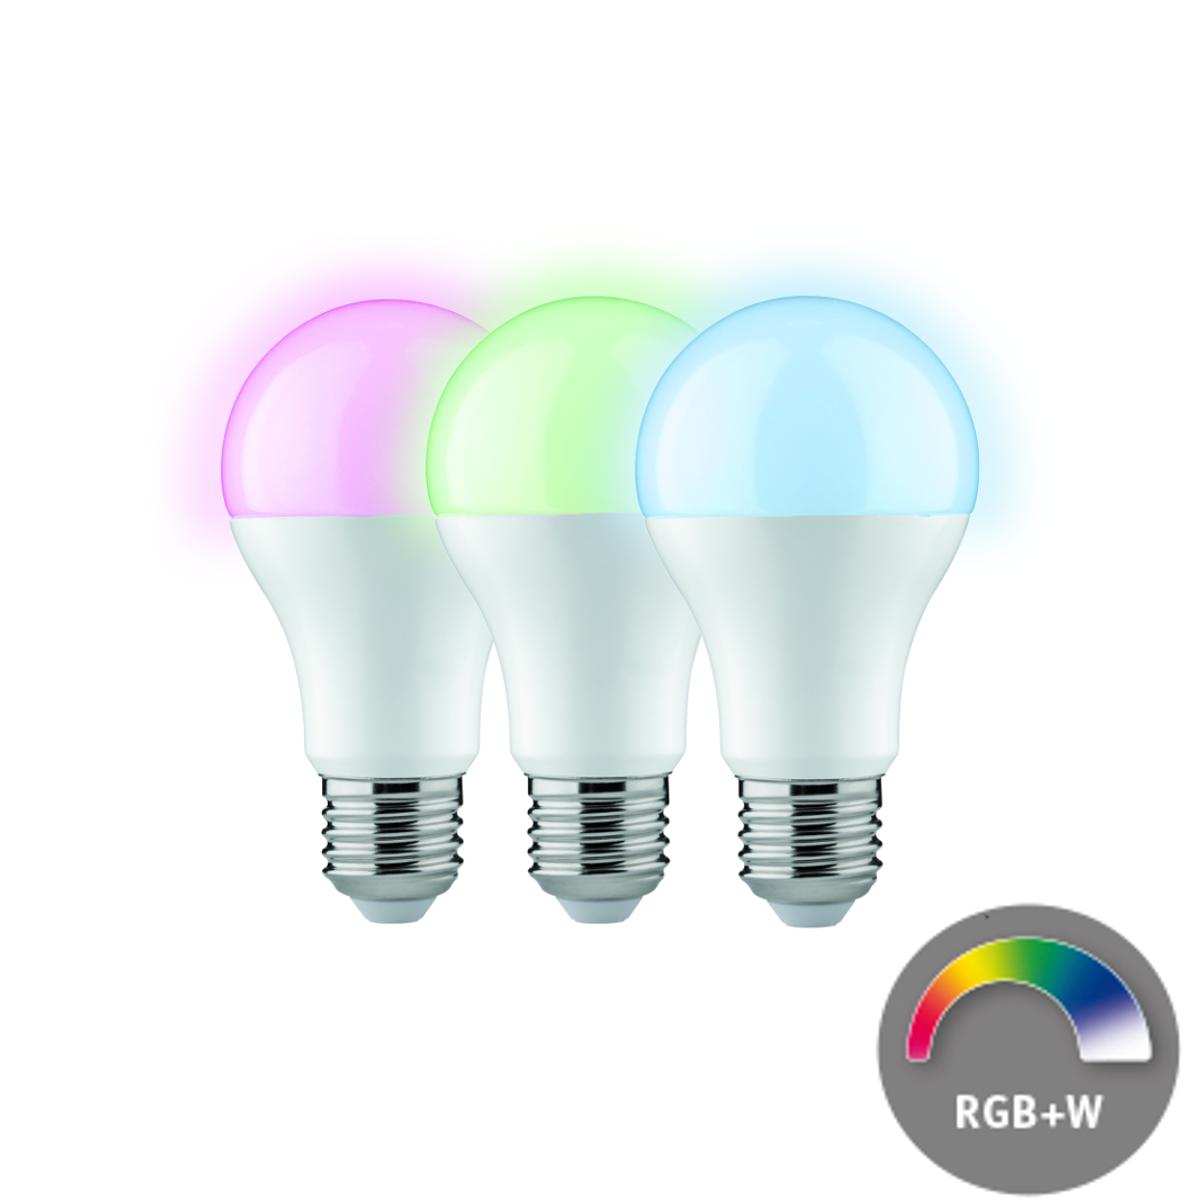 Paulmann LED Boyn 3er Vorteilspaket 9 W - RGBW Farblichtsteuerung